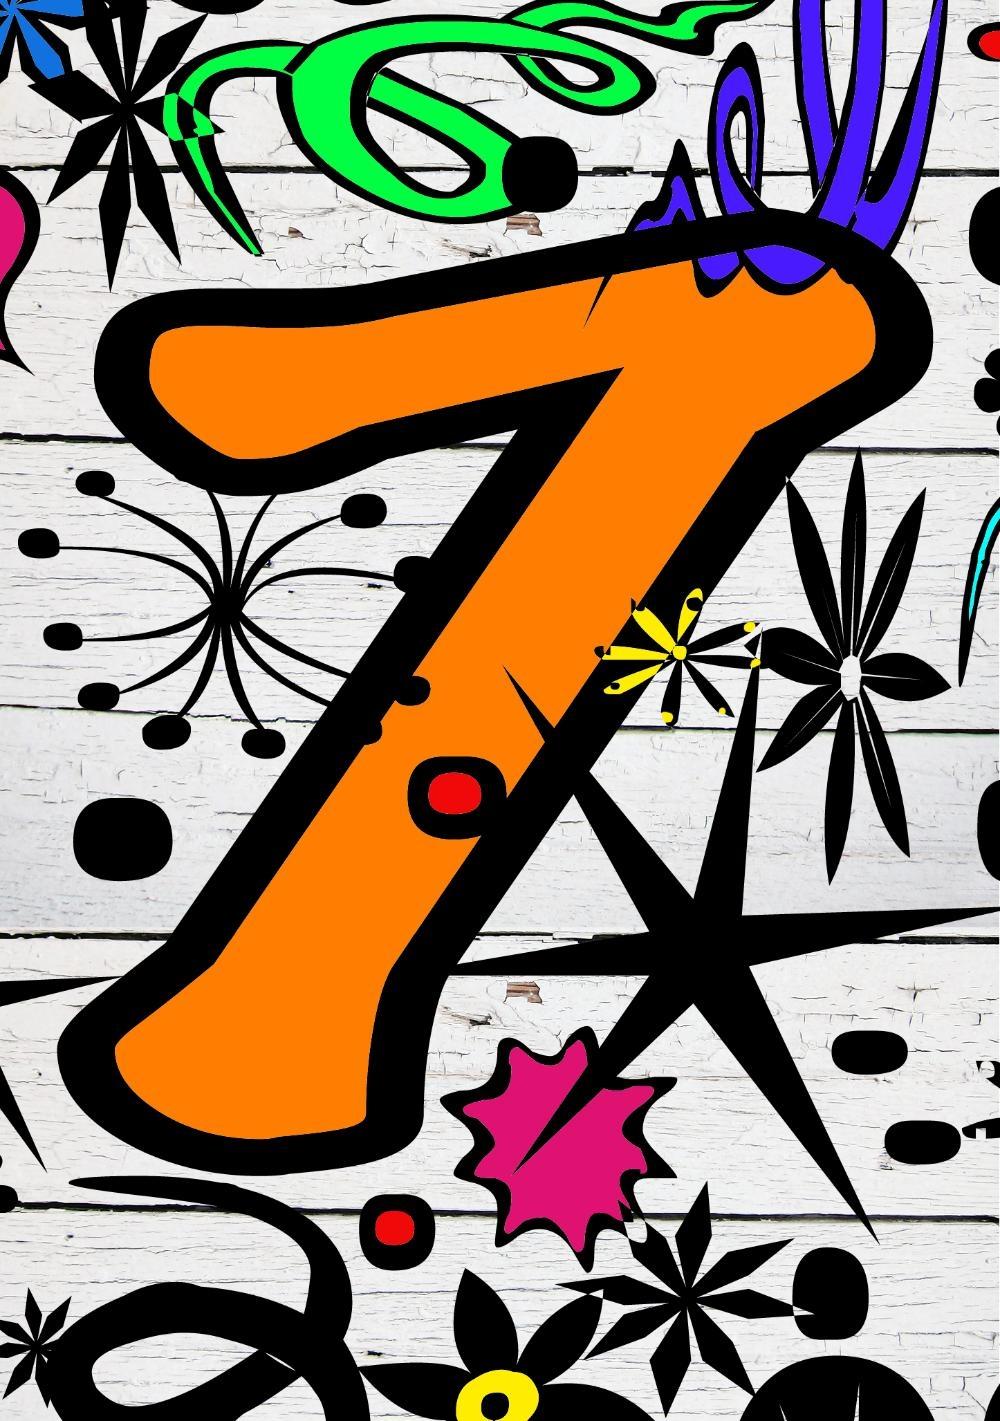 7 jaar kind Verjaardagskaart kind 7 jaar Graffiti   Kaartjeposten.nl 7 jaar kind